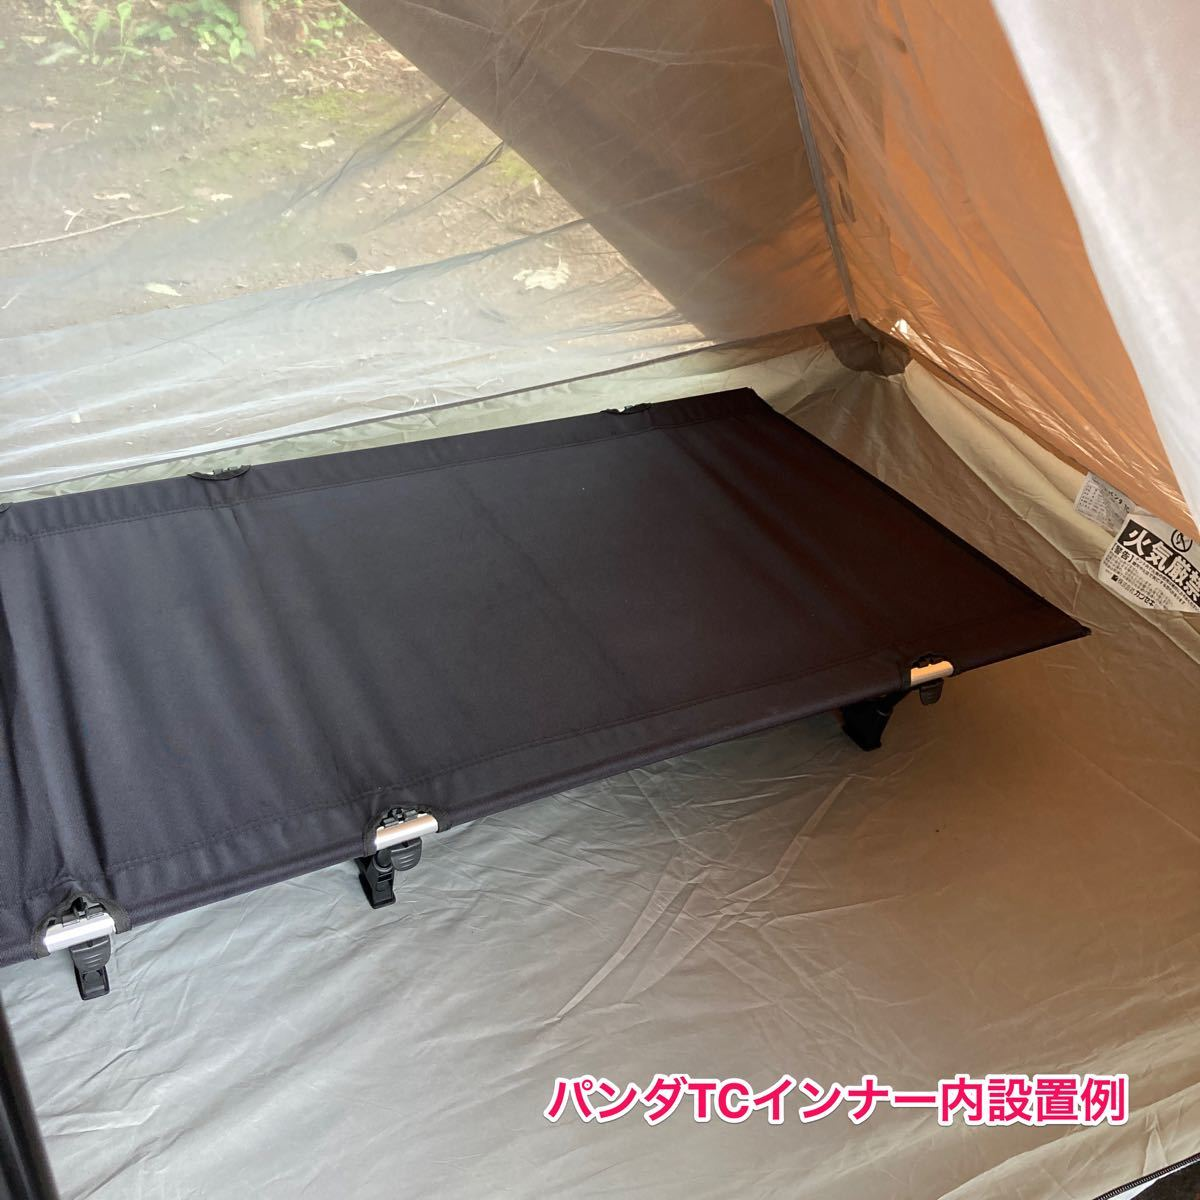 アルミコット 黒 GEJ-LCB ローコット アウトドアベッド